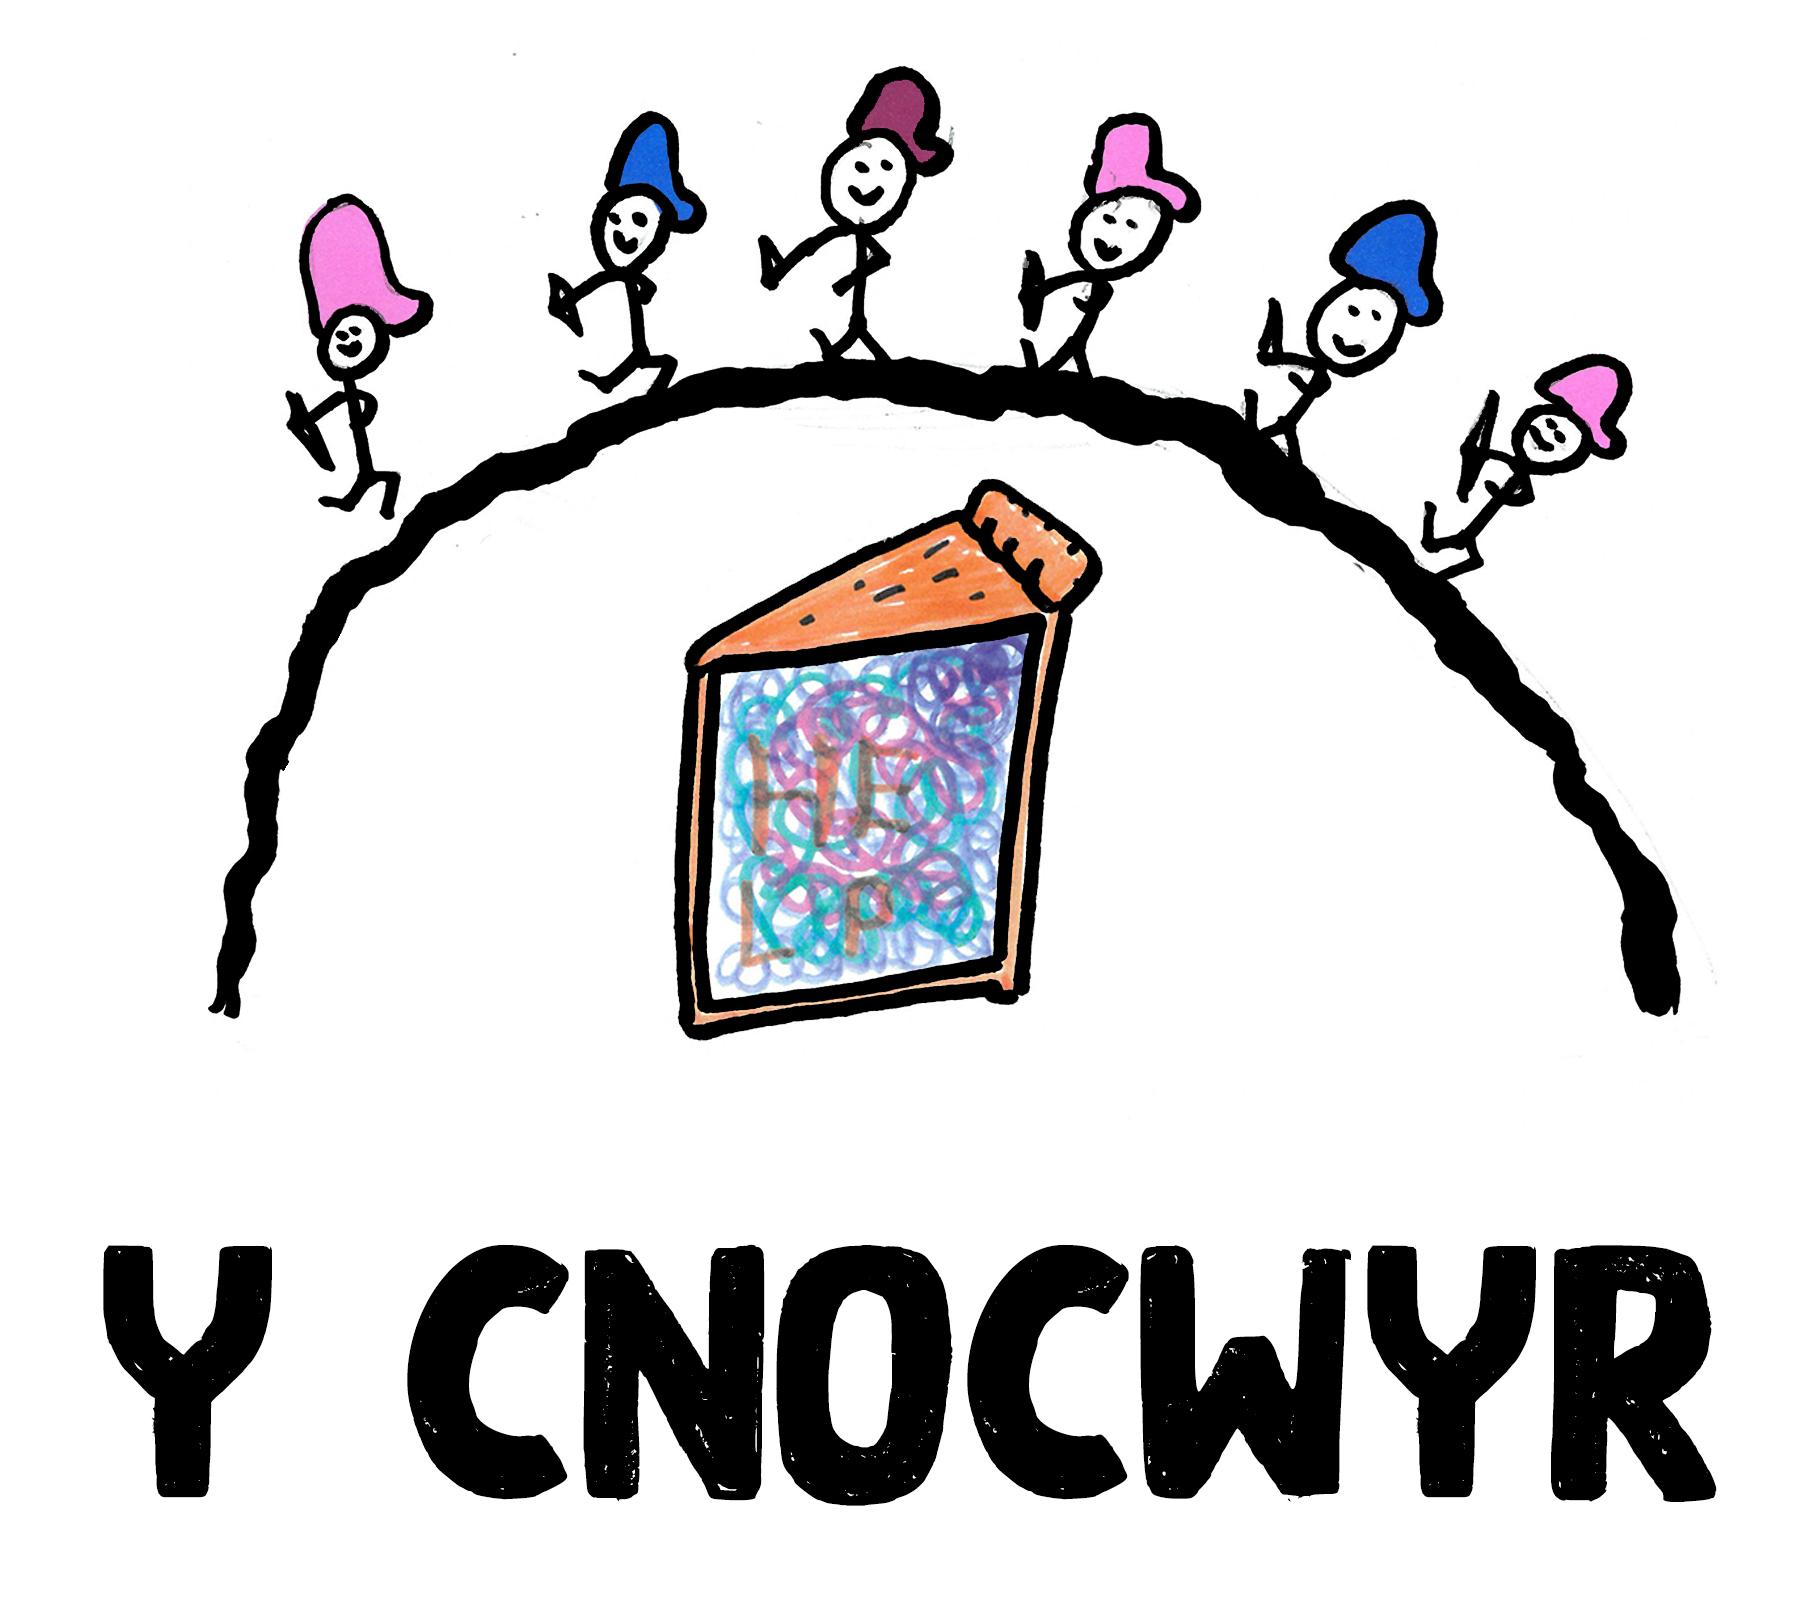 Y Cnocwyr